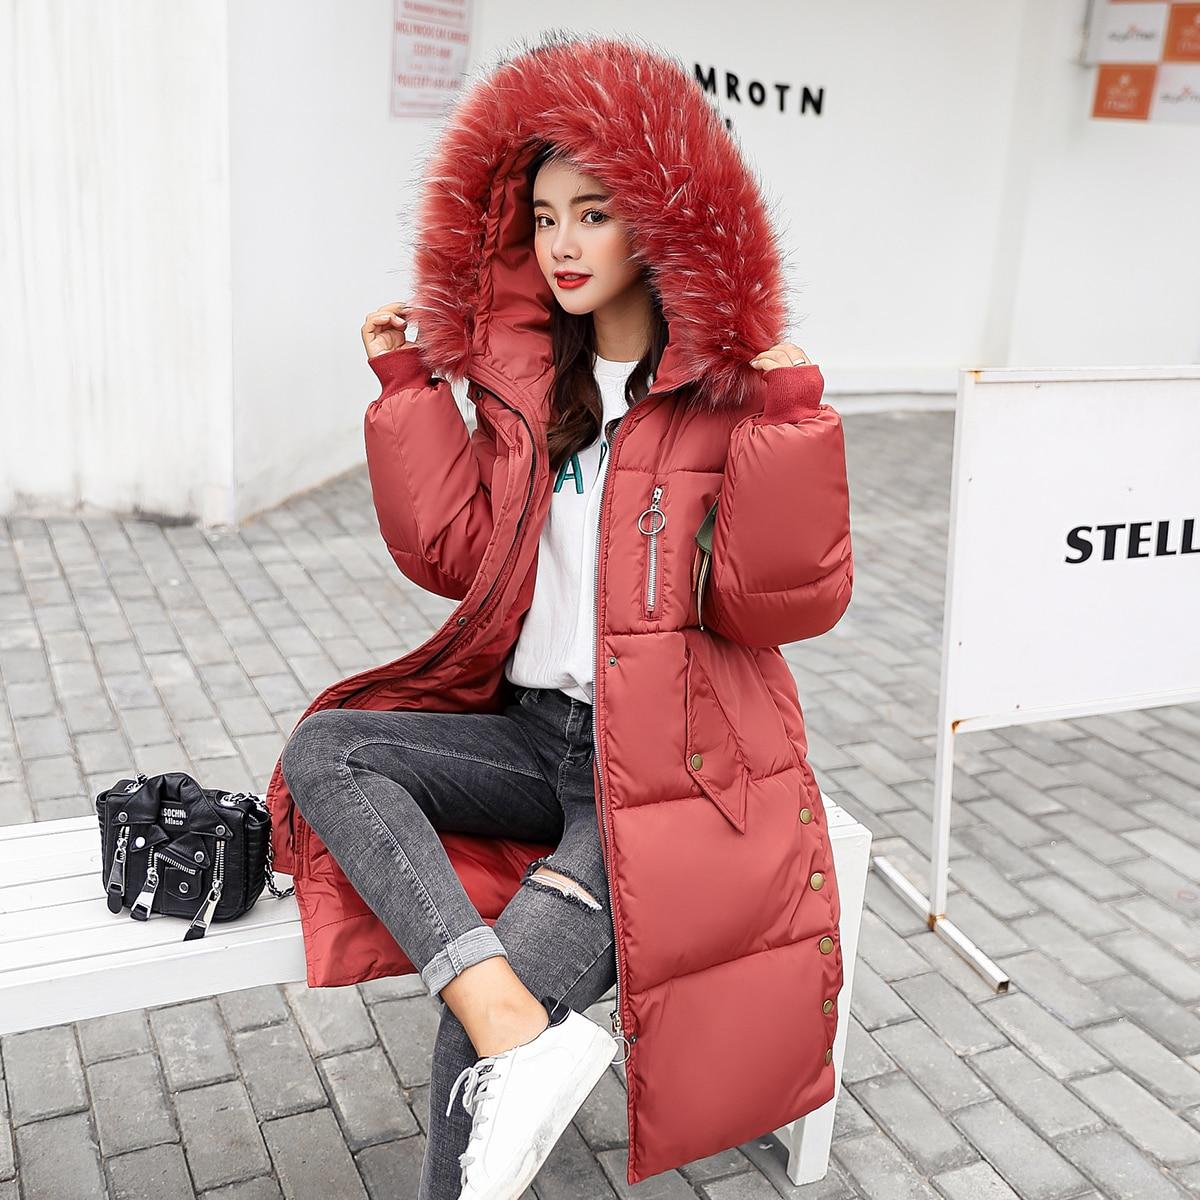 Épais Creamy Lâche 2018 Manteau D'hiver Ayunsue Kj680 Parkas white Fourrure Longue Veste Rose Col Mujer Femmes pink Pour Coréen red black De Grand Vestes gray Parka wxIrRqHIX